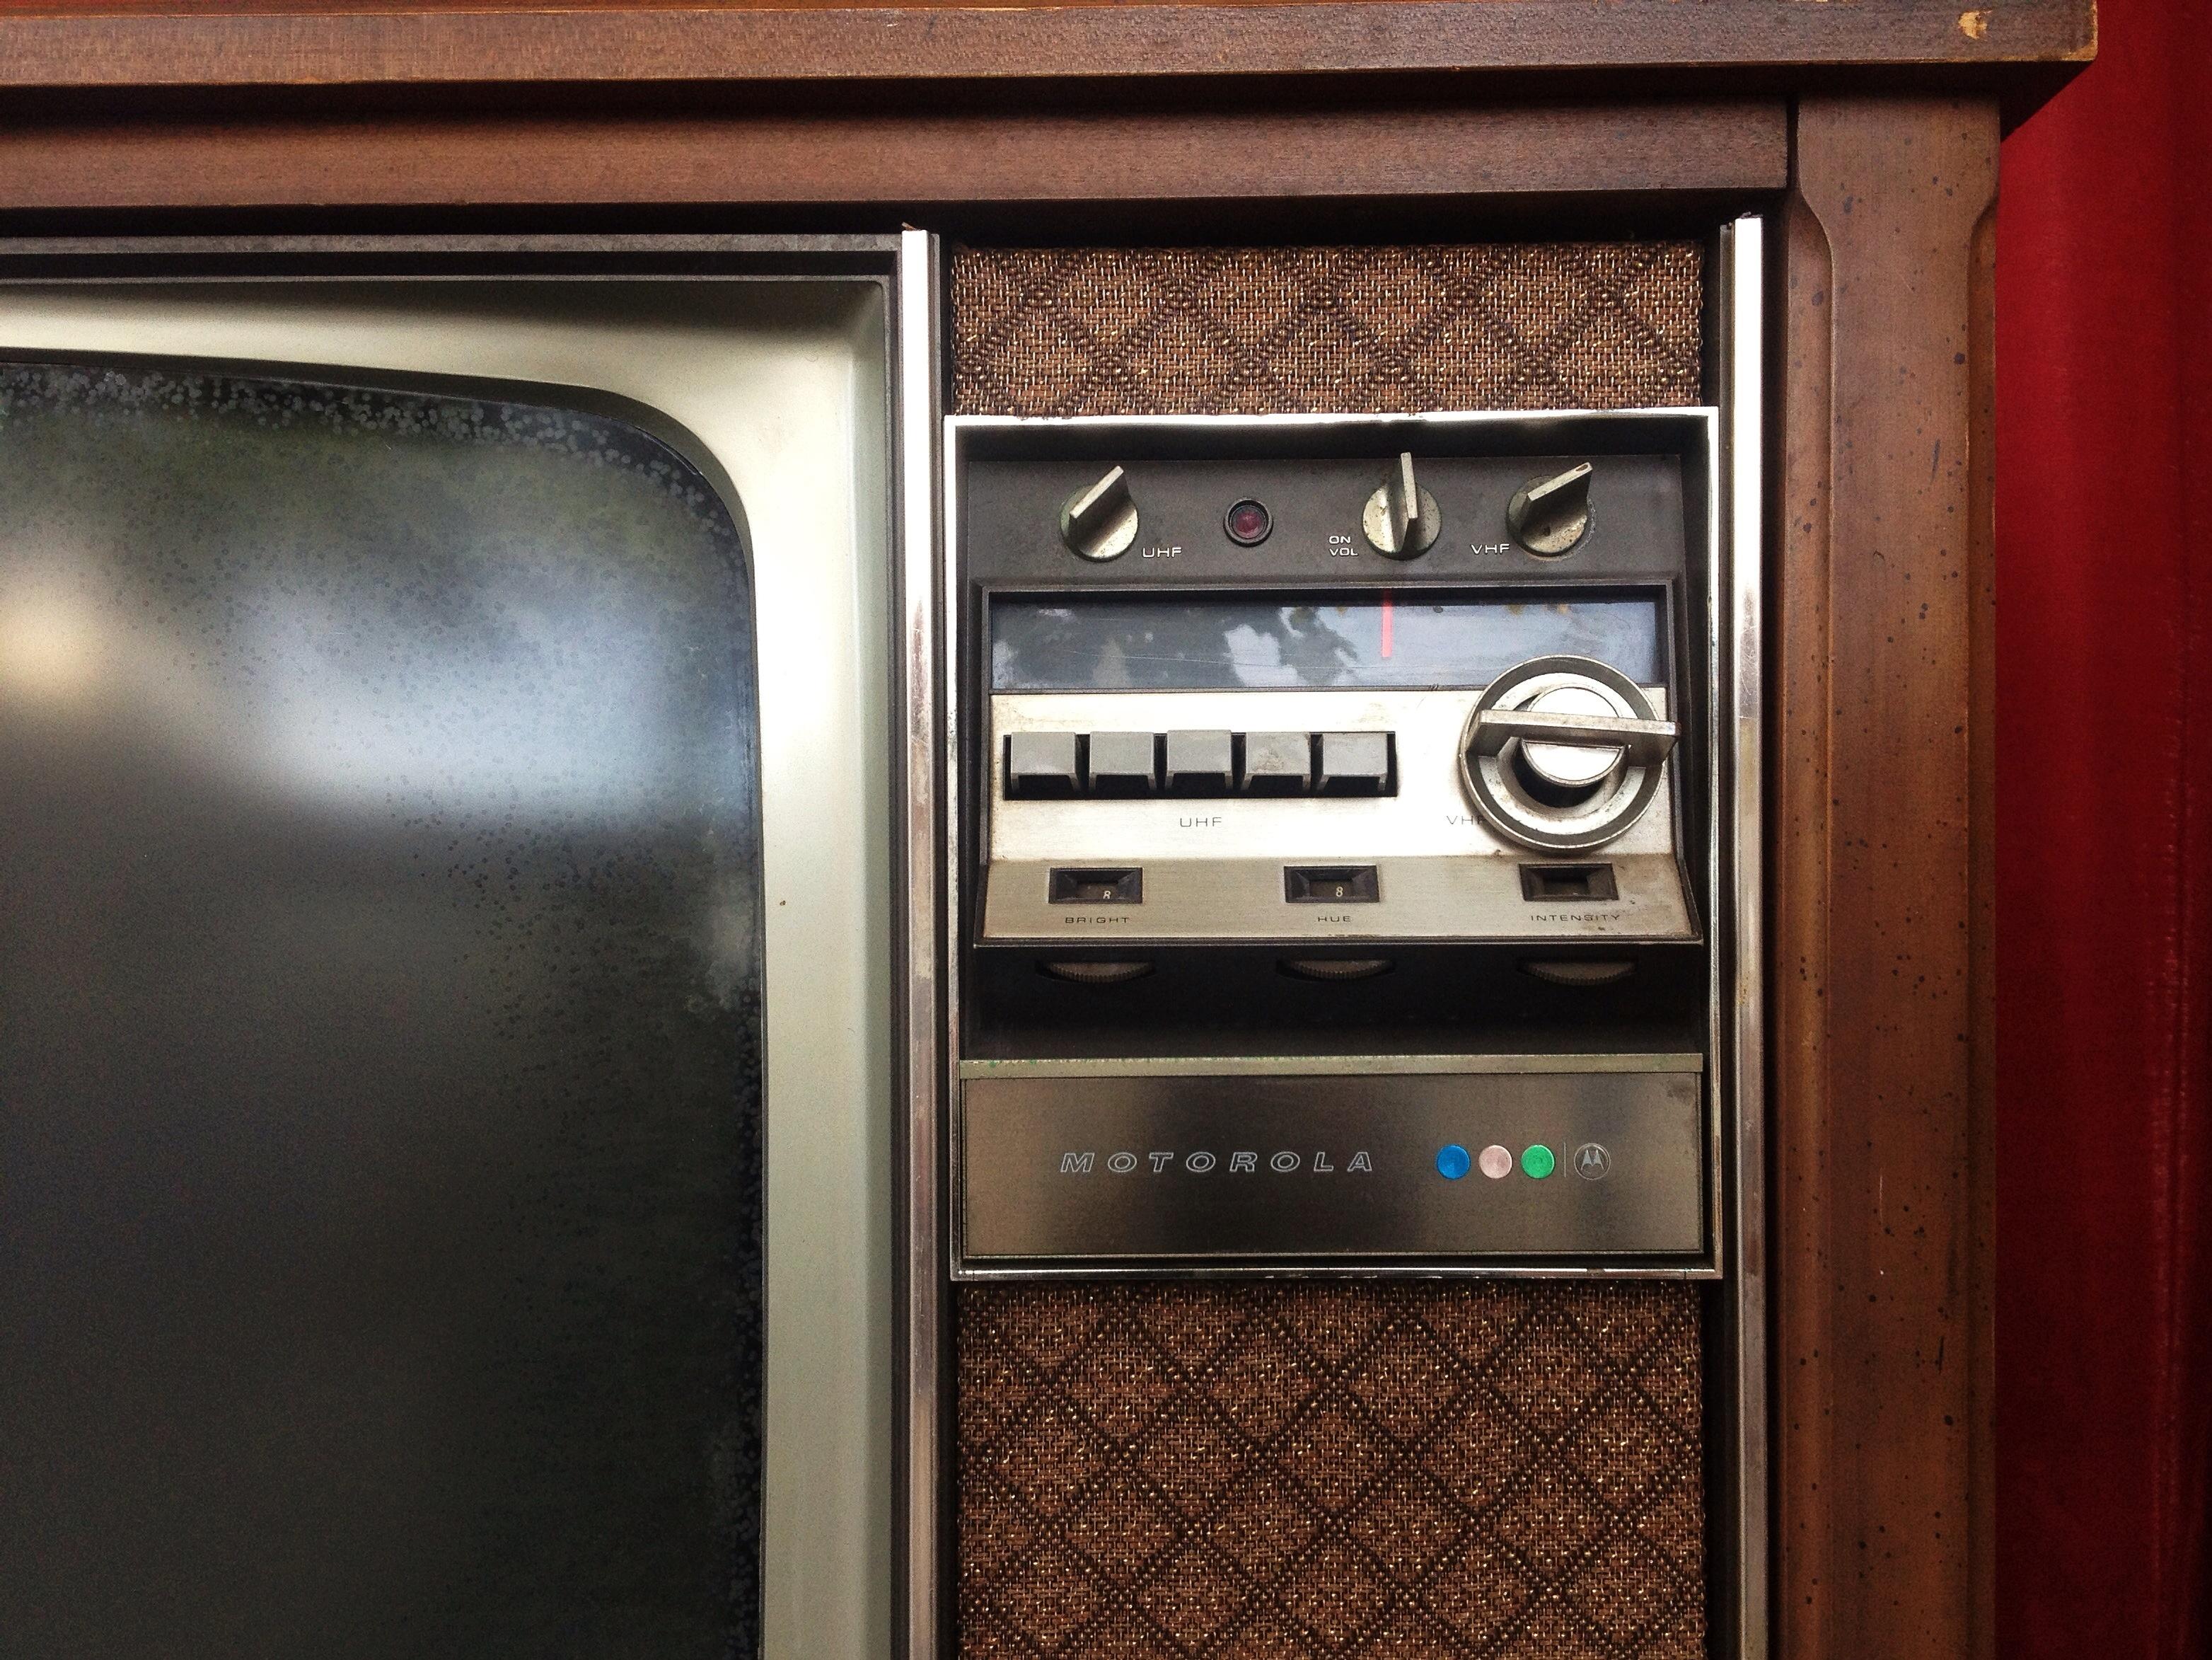 デスクトップ壁紙 閉じる 技術 ビンテージ テレビ 無線